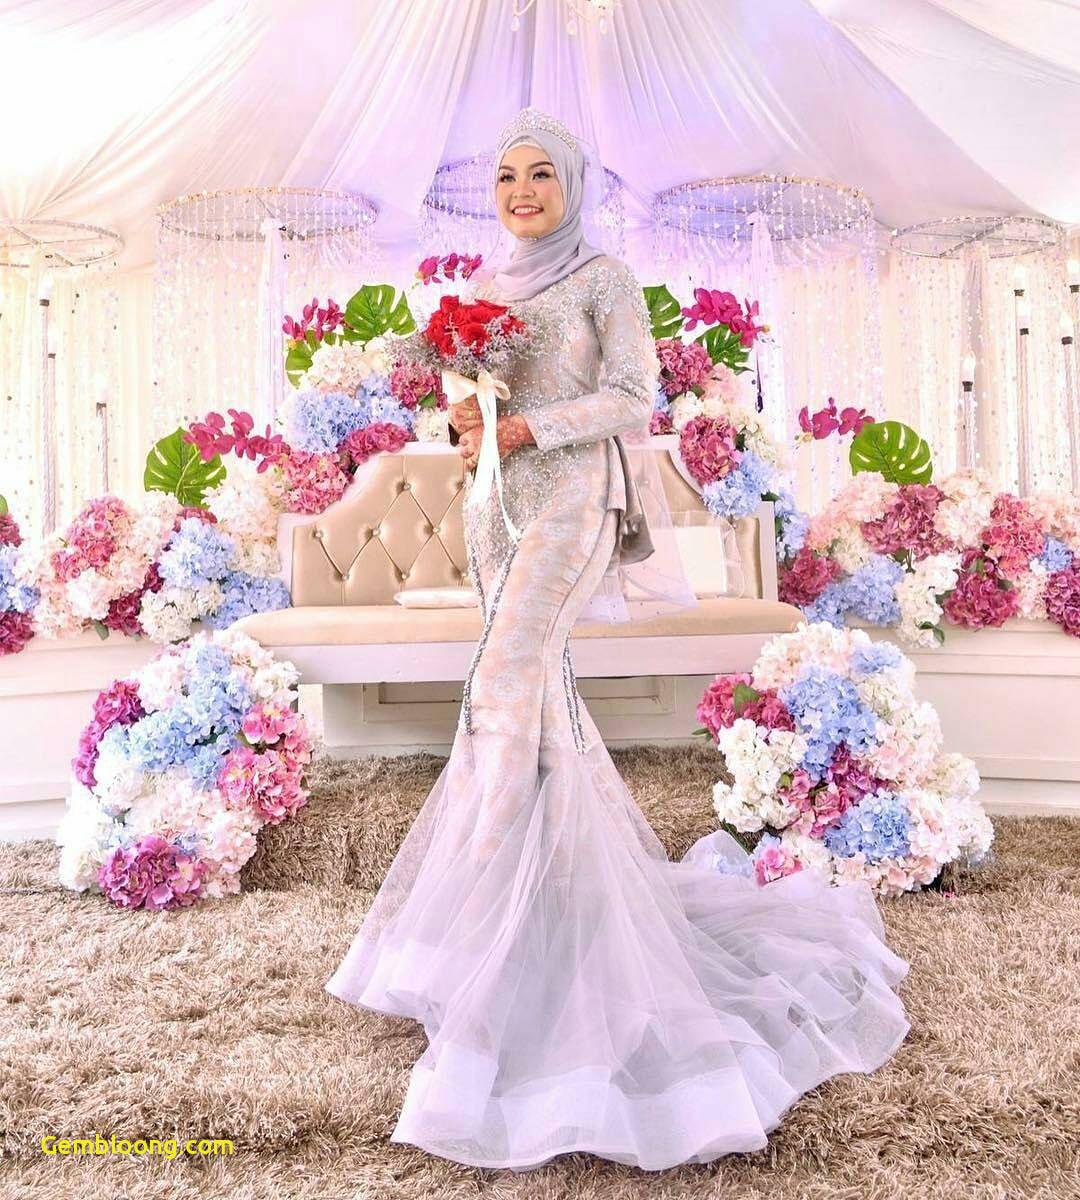 Gaun Sederhana Pengantin Berhijab Best Of 13 Inspirasi Gaun Pengantin Melayu Untukmu Yang Berhijab